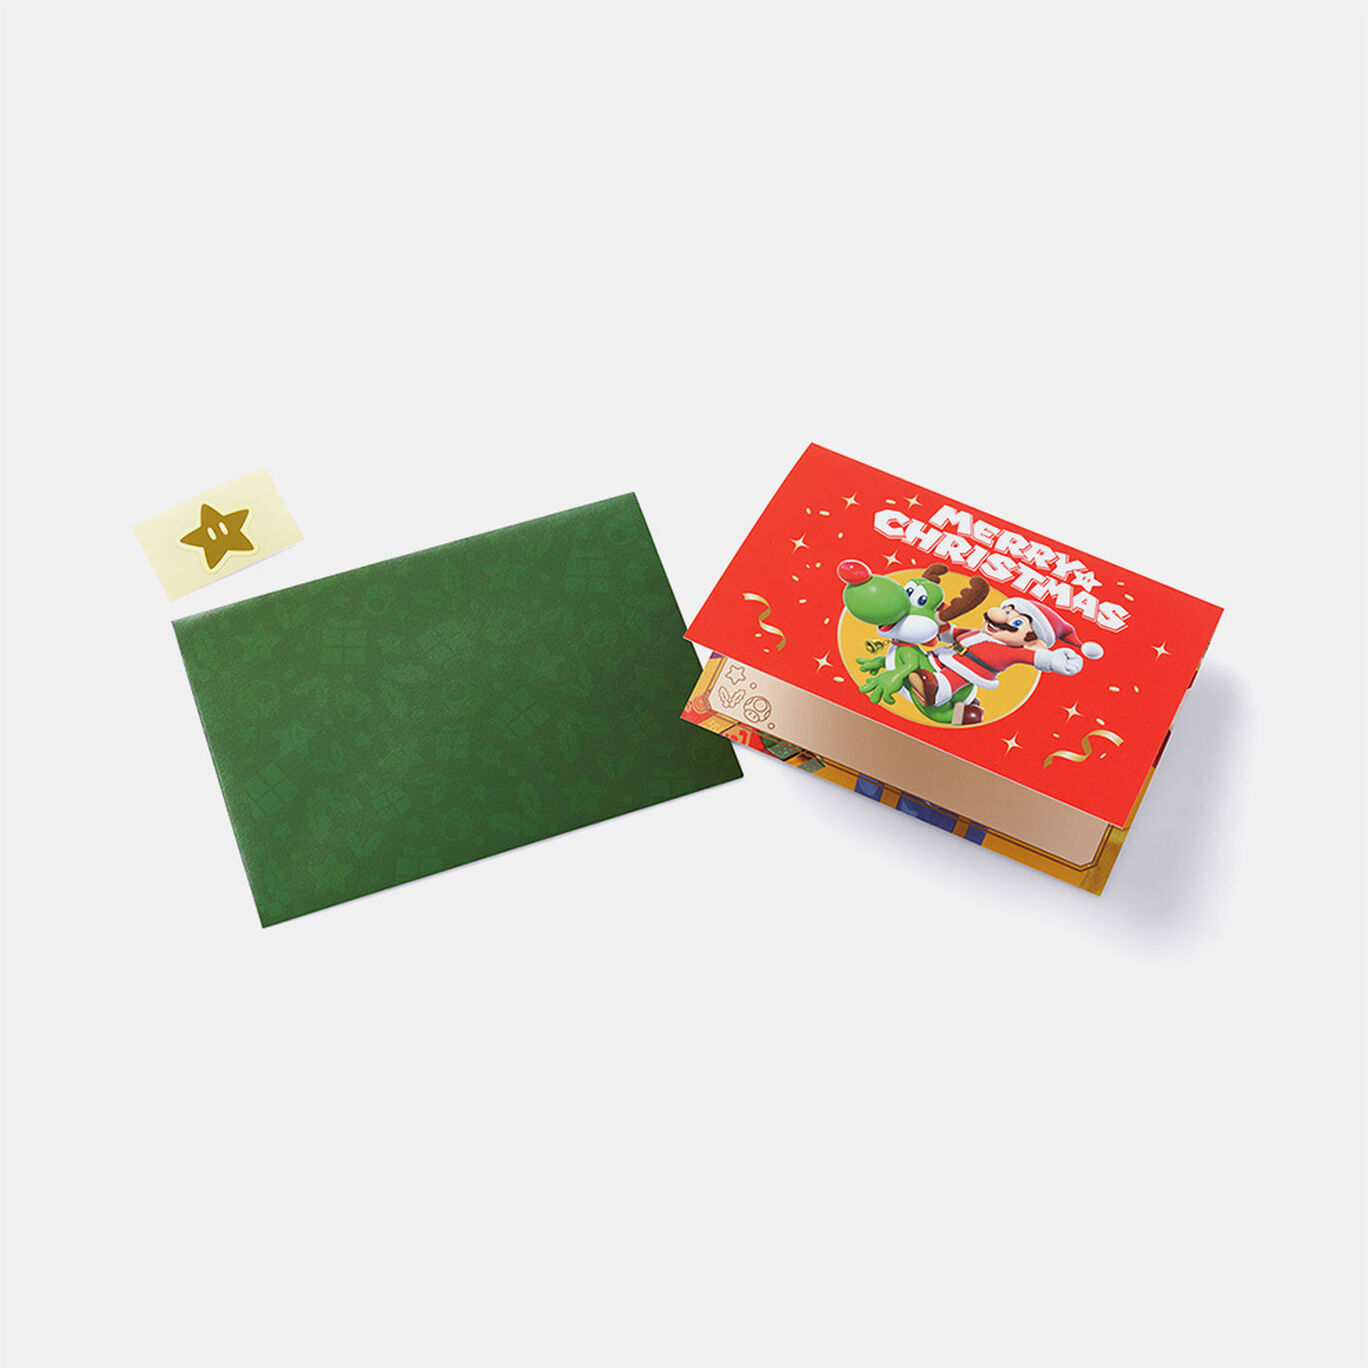 ラッピングバッグ&メッセージカード